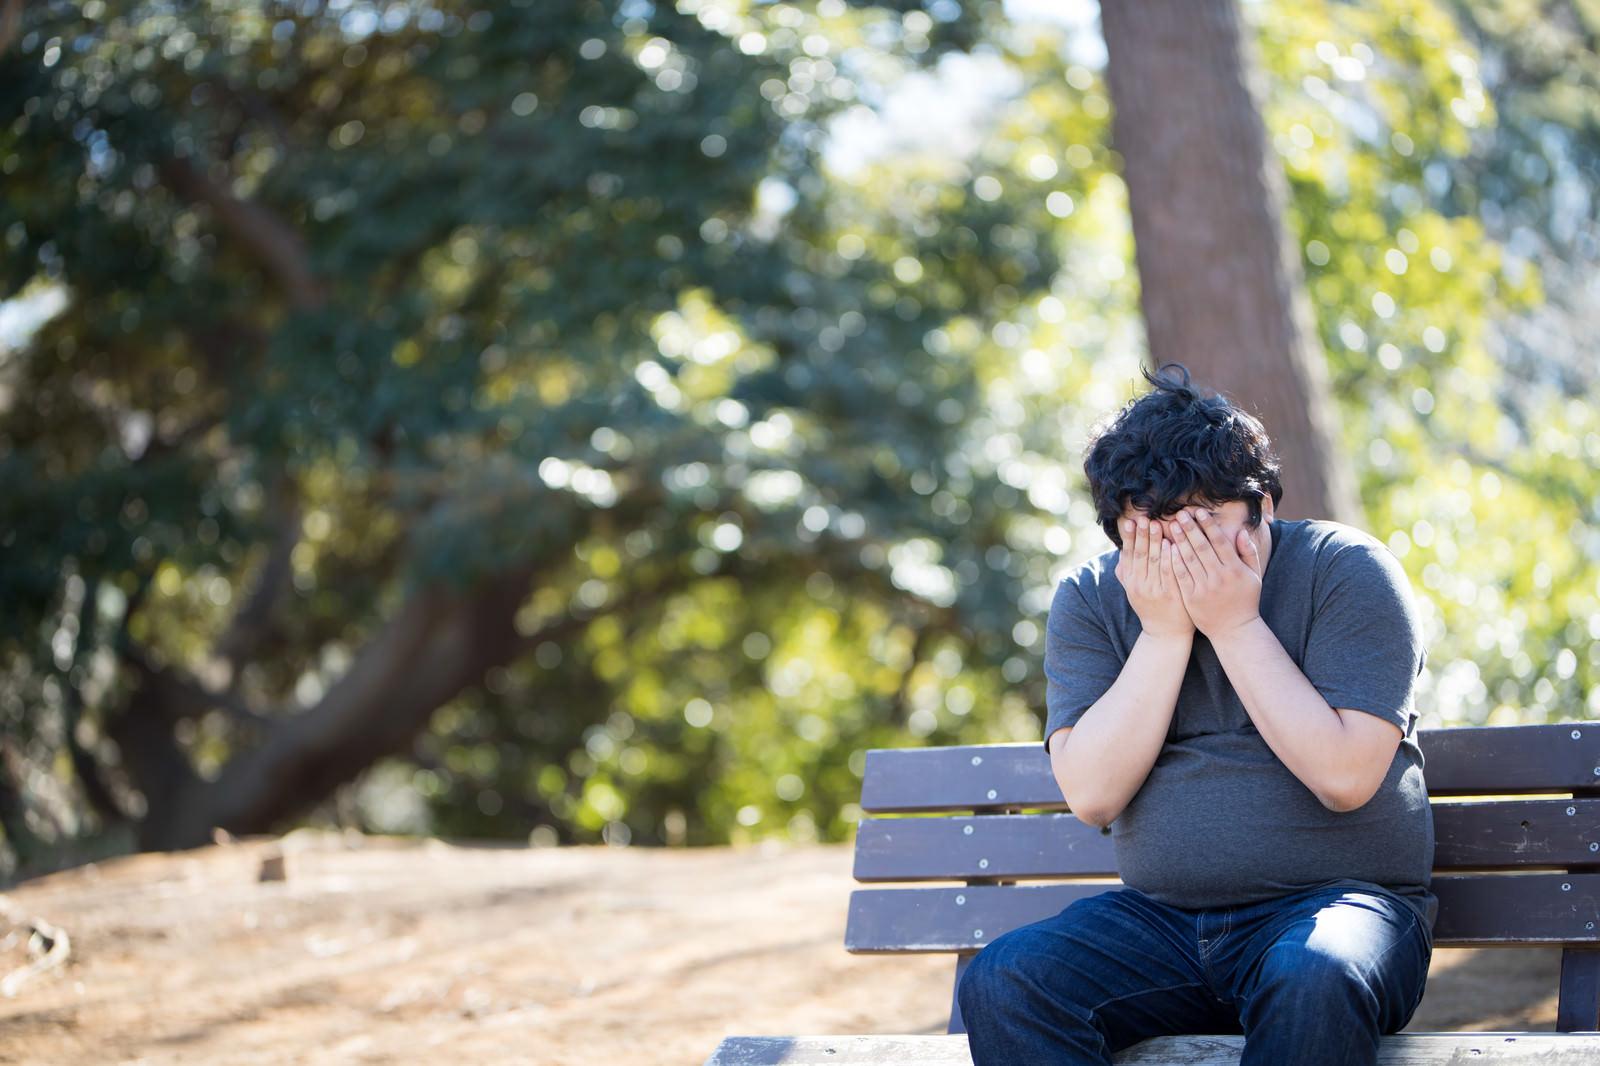 「納期に間に合わせず、ひとまず公園で泣いてみた。   写真の無料素材・フリー素材 - ぱくたそ」の写真[モデル:段田隼人]